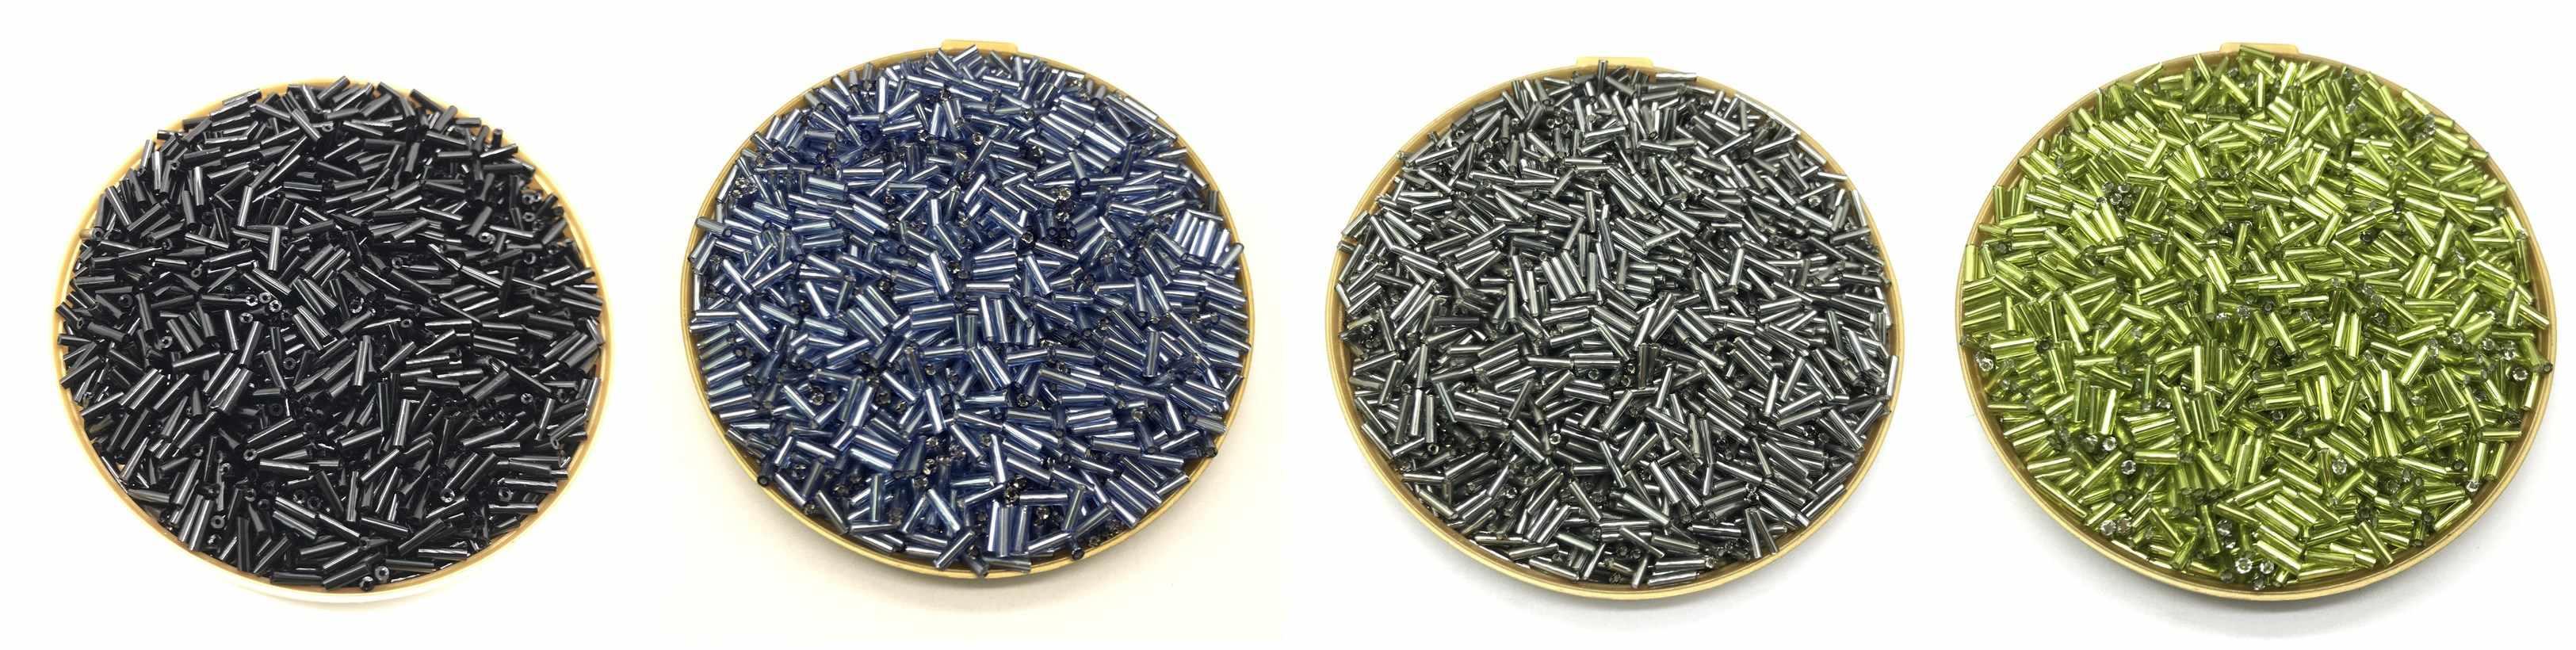 רב צבע זכוכית זרע Spacer חרוזים אוסטריה קריסטל צינור ארוך חרוזים עבור תכשיטי ביצוע DIY צמיד שרשרת